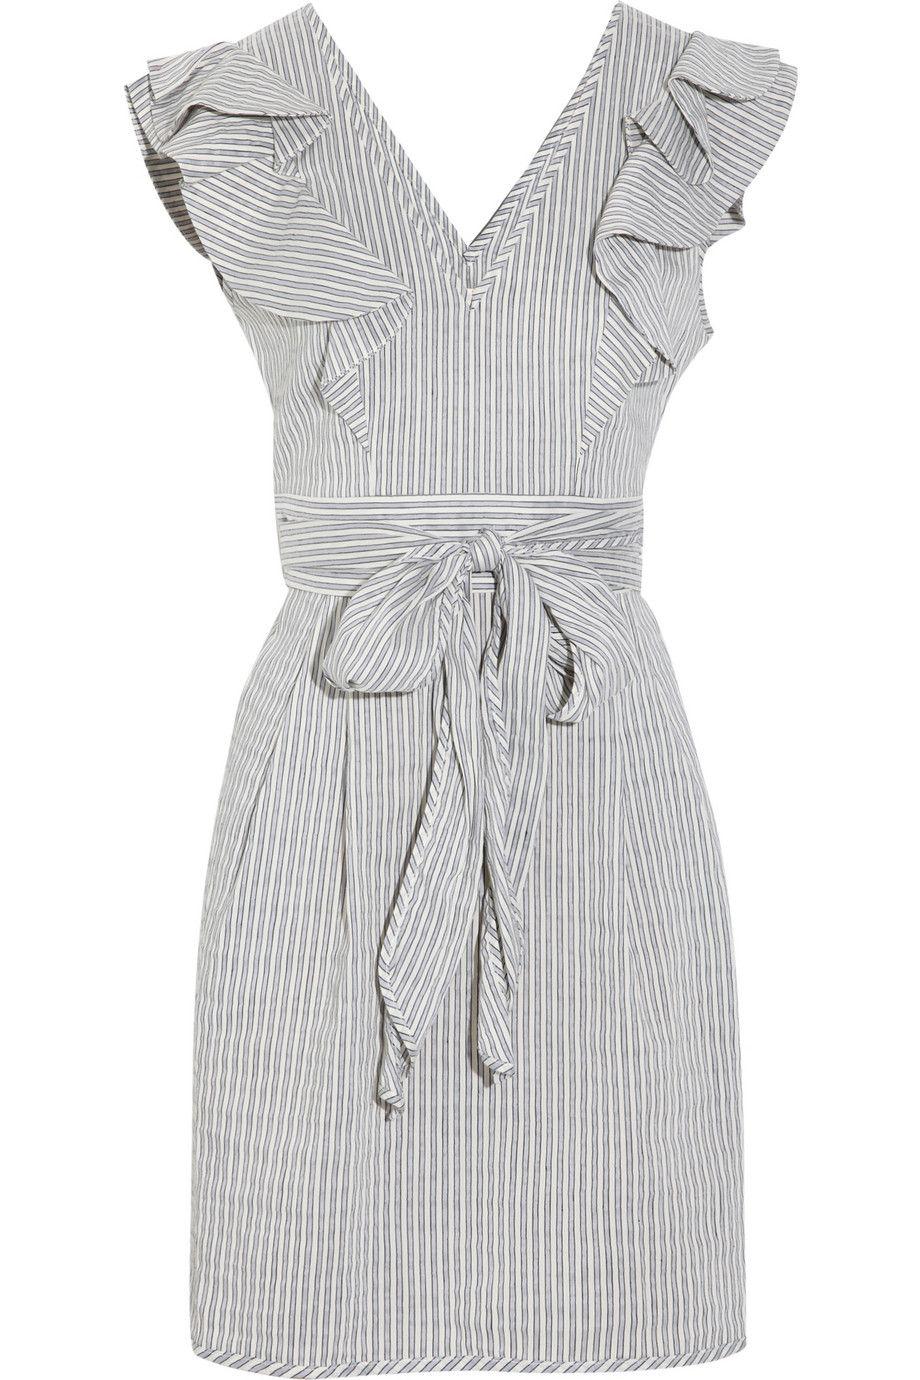 Thread Social Dress Wannahaves Dresses Seersucker Dress Seersucker